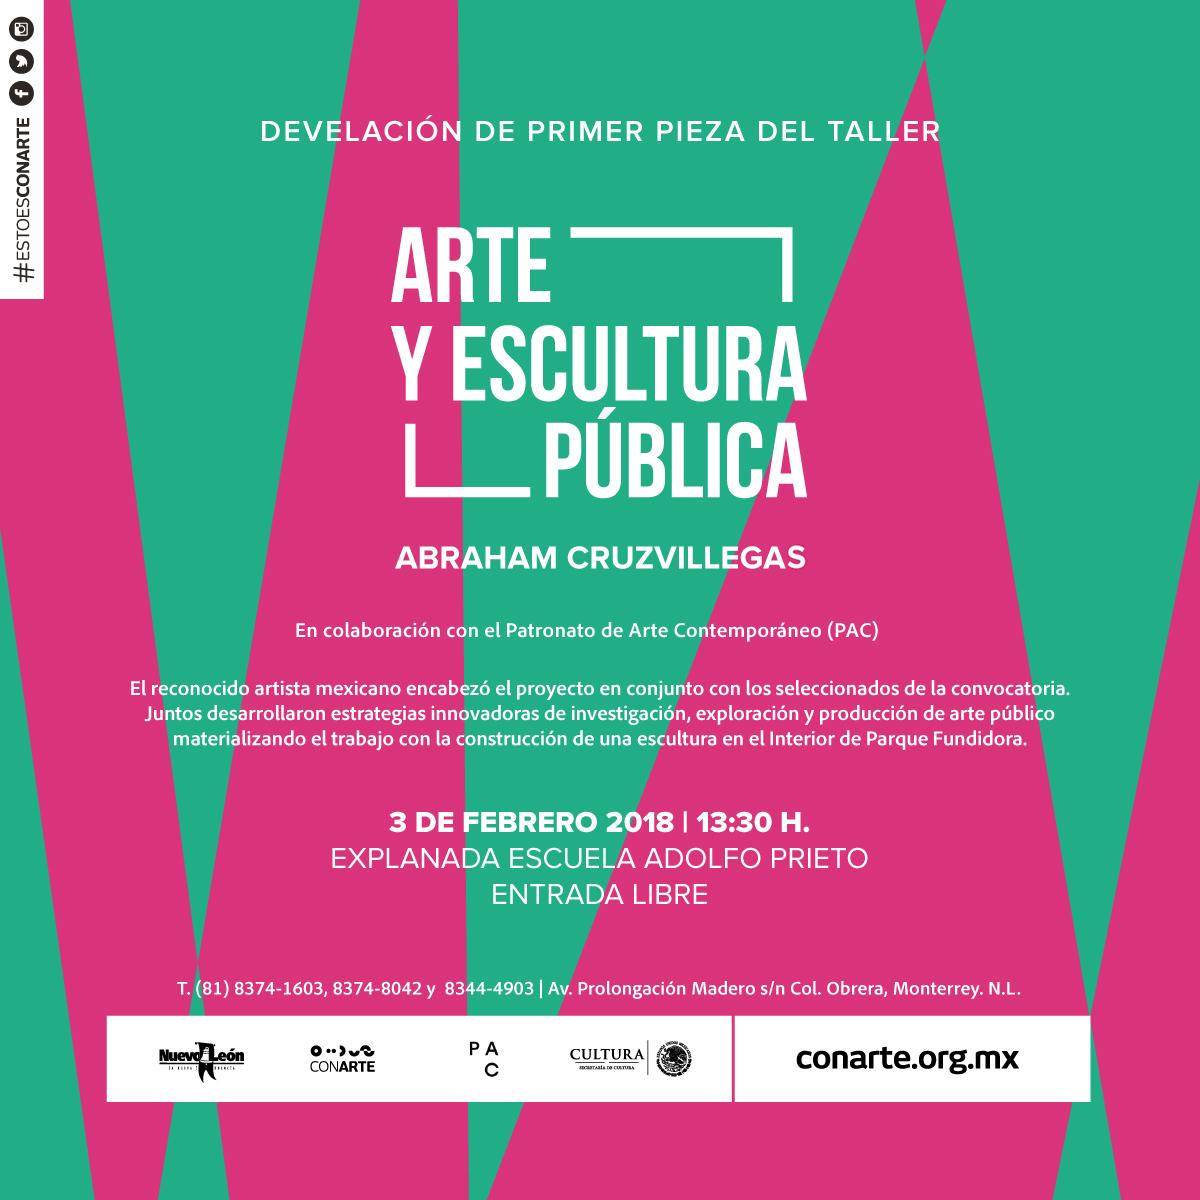 Flyer Inauguracion ACV Escuela Adolfo Prieto 3 de Febrero 2018